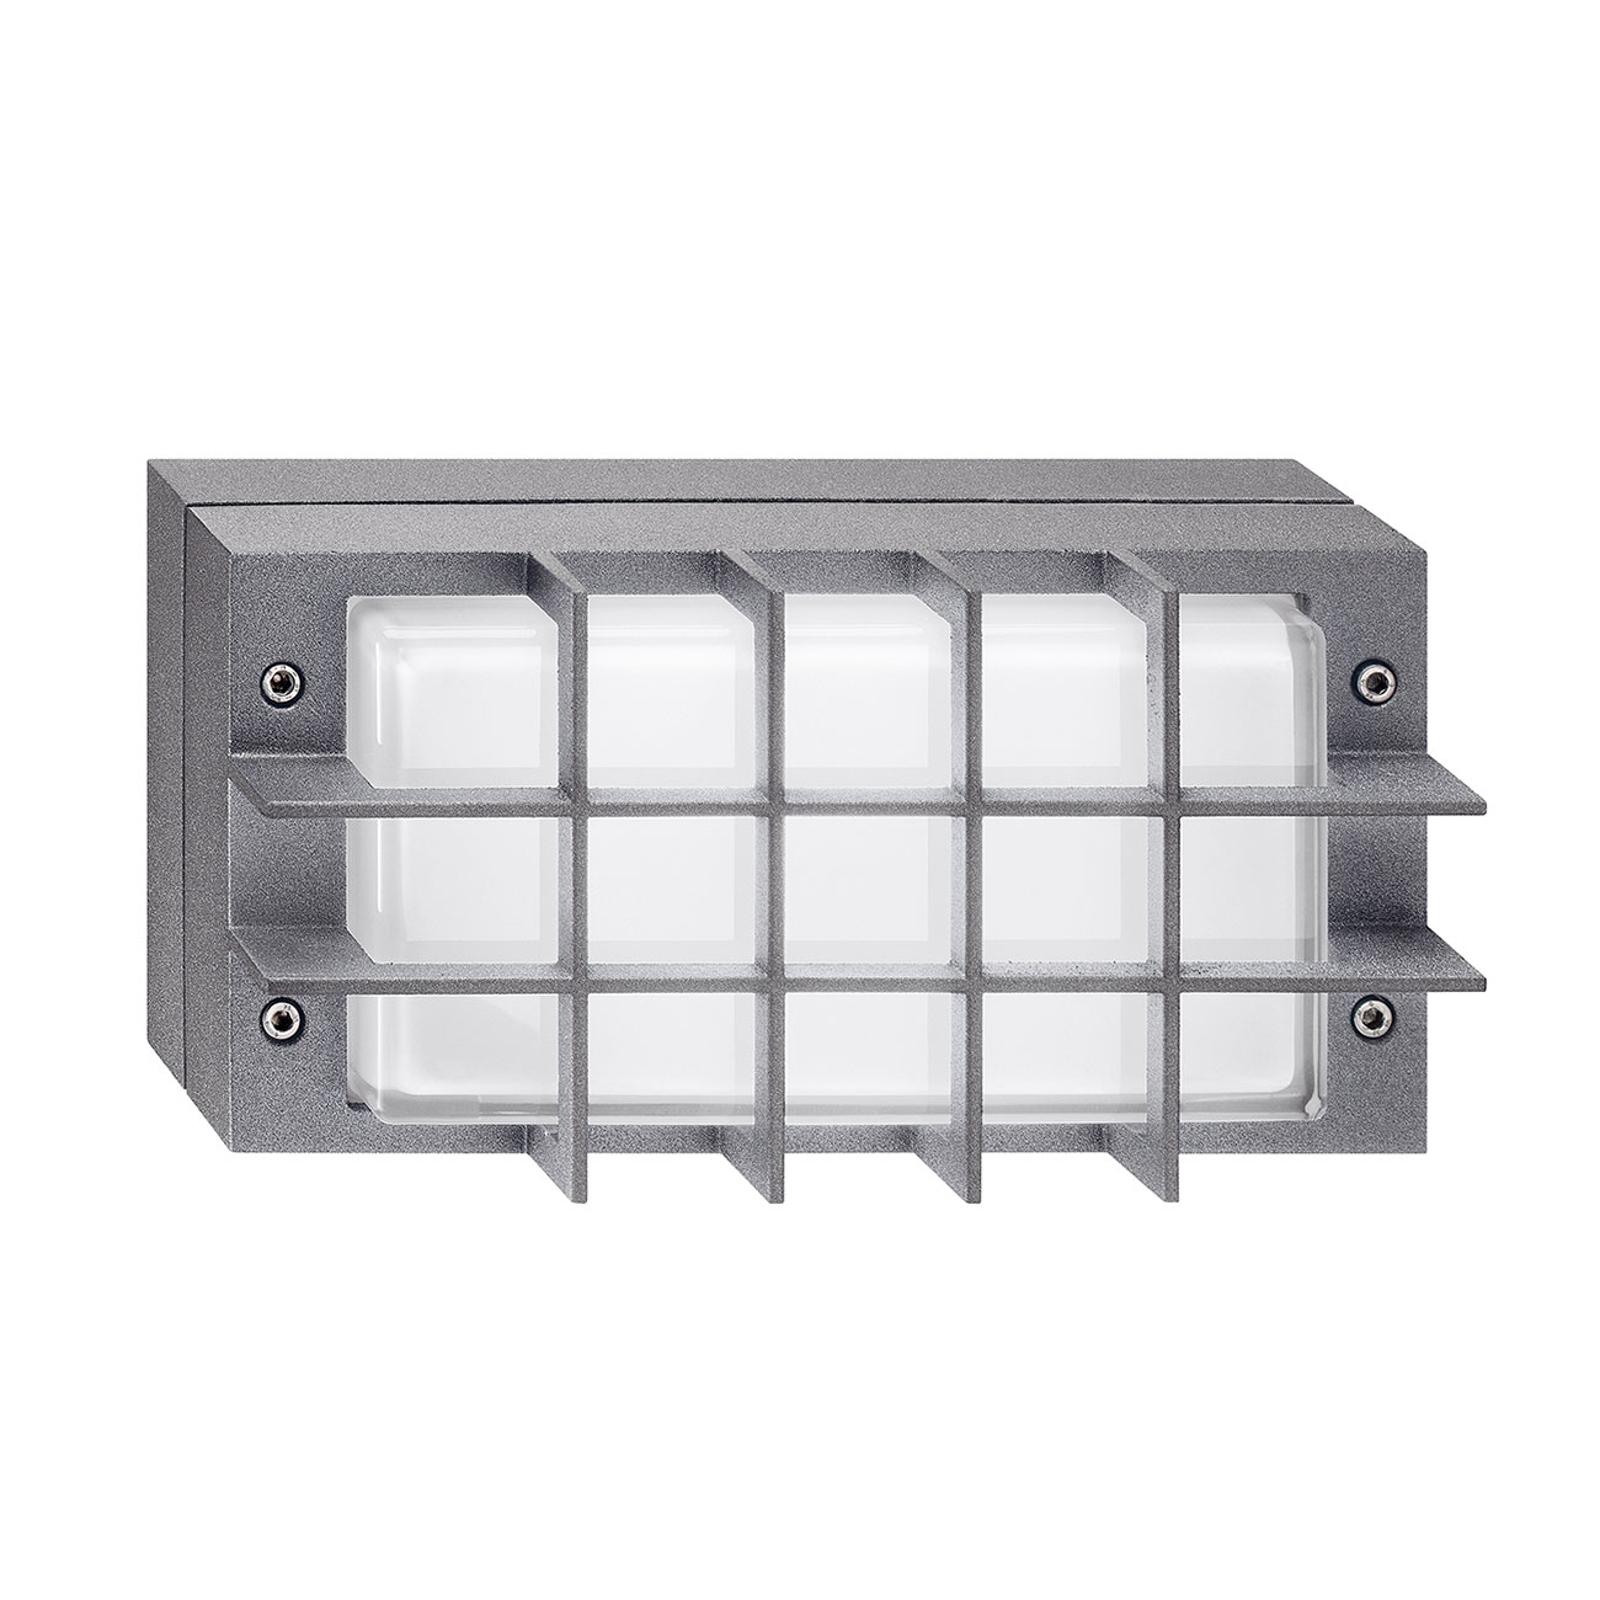 Applique d'ext. LED Bliz LED Guard, 3000K, grise